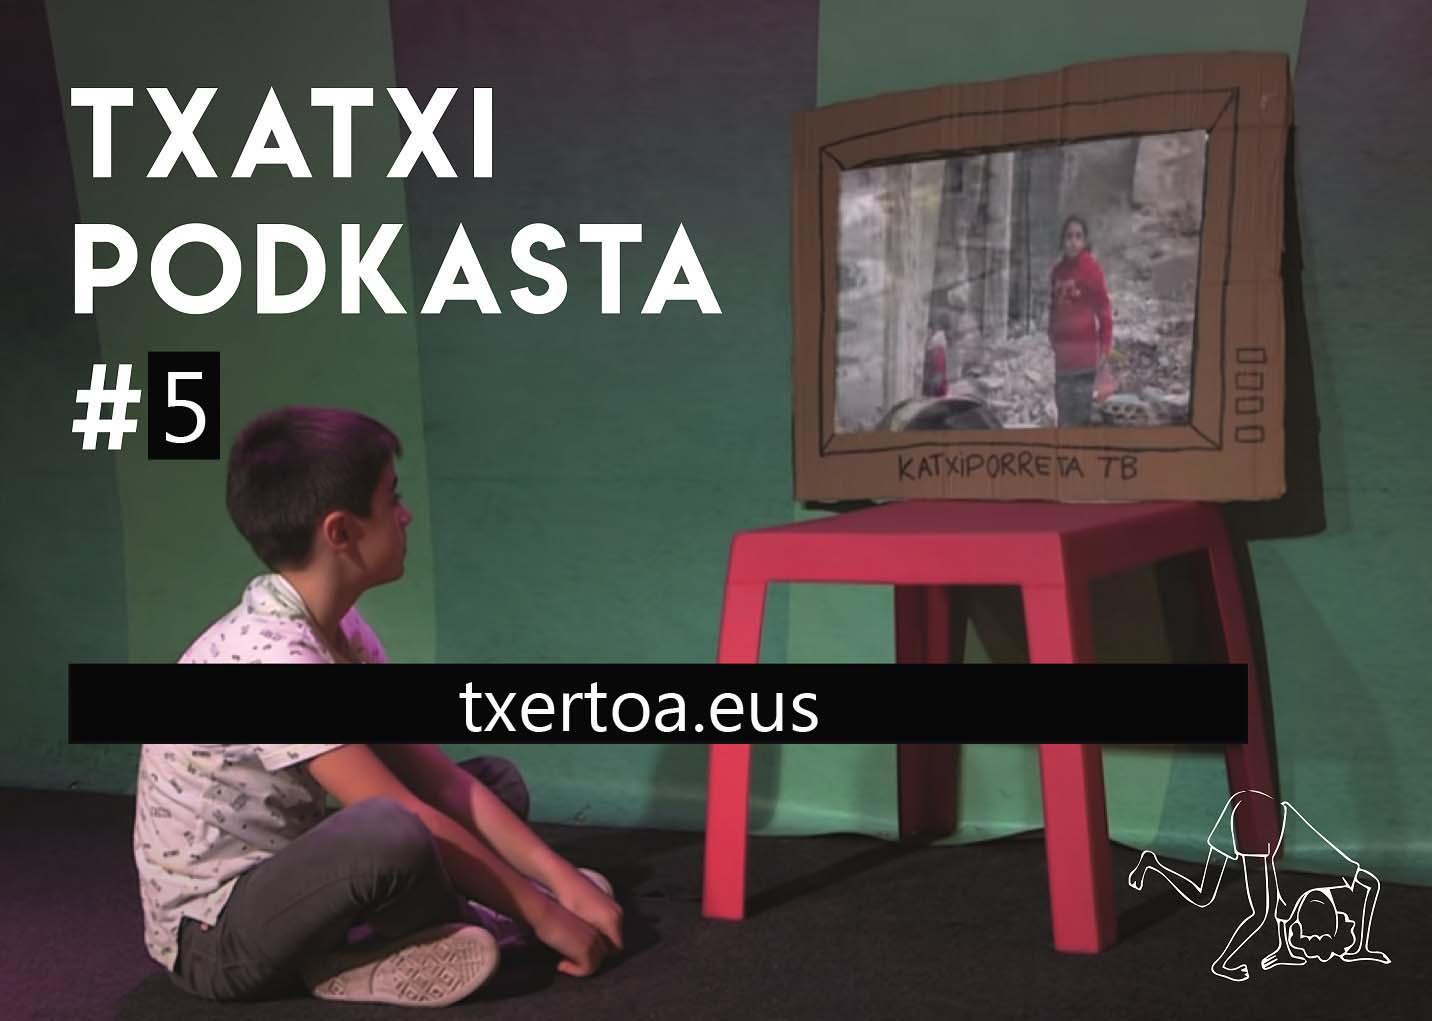 TXATXIPODKASTA #5 txertoa.eus